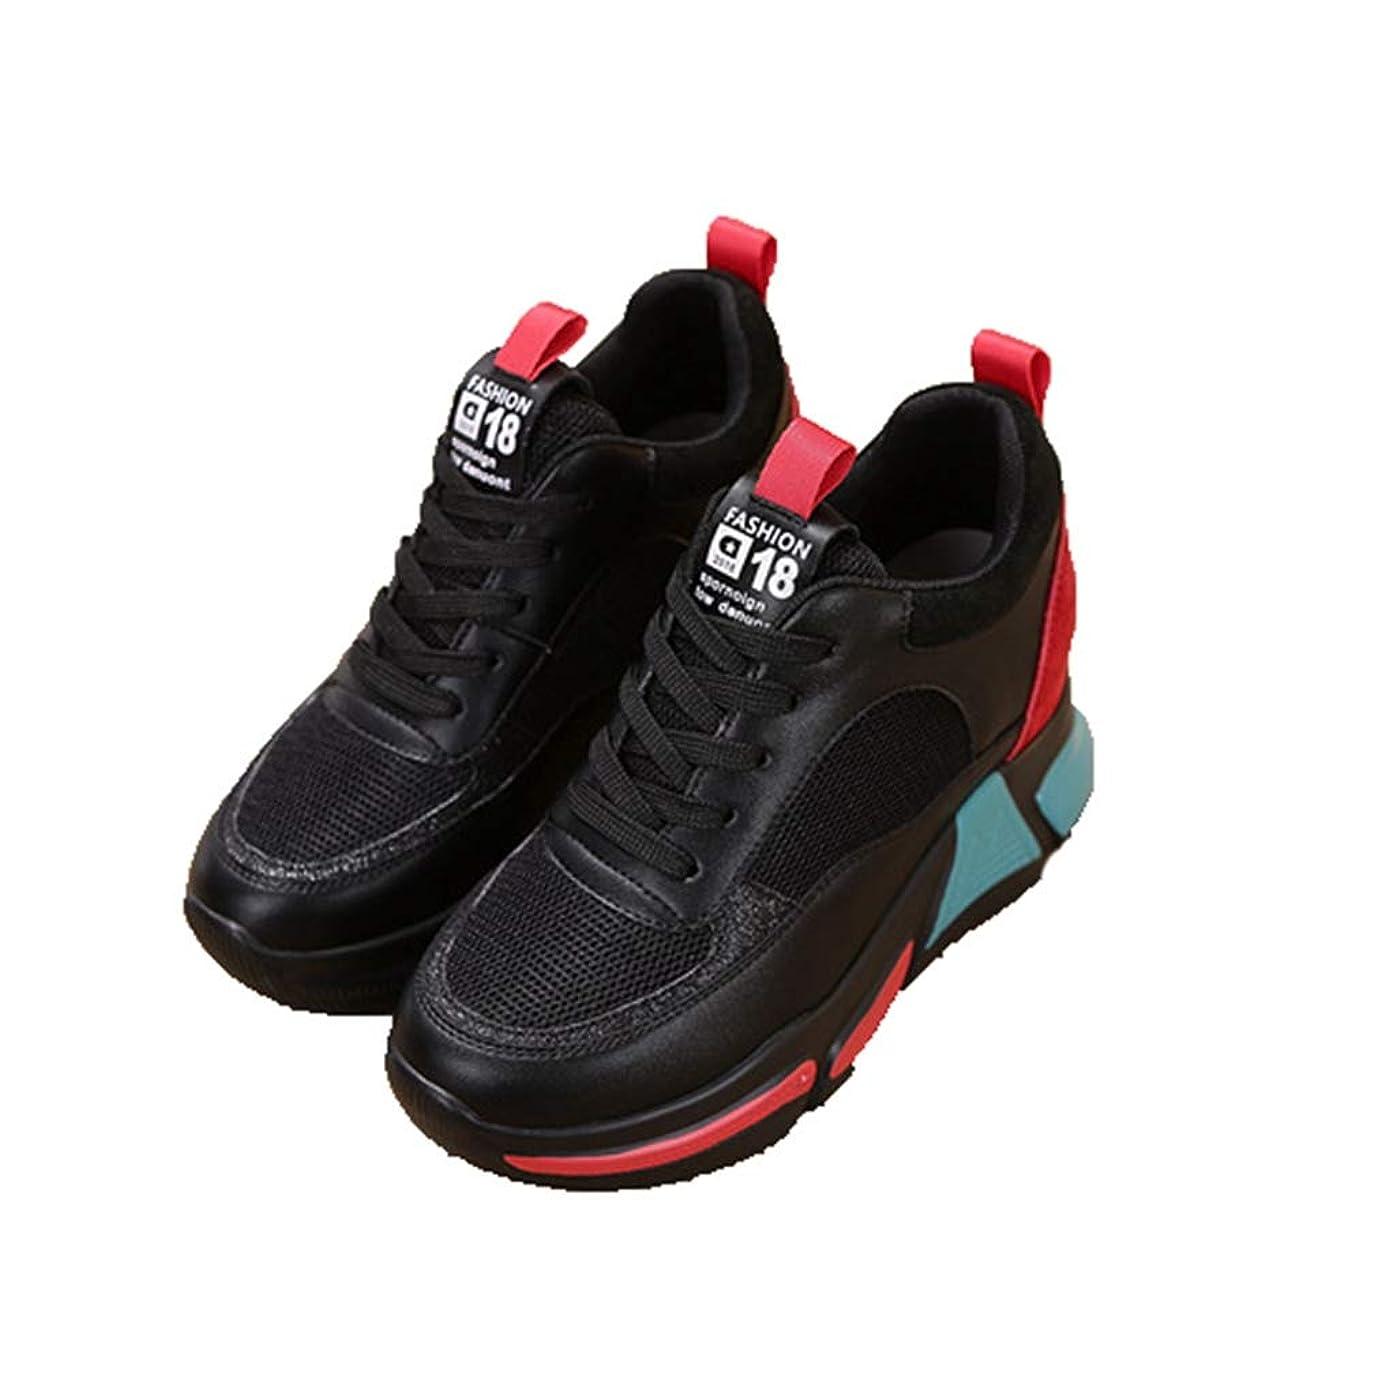 意欲抗生物質舌な[幸福マーケット] 運動靴 パッチワーク 厚底靴 レディース スニーカー クッション性 シークレットシューズ メッシュ 通気性 軽量 快適 美脚効果 お洒落 レースアップ ローカット スウェード 滑り止め 通学 普段使い